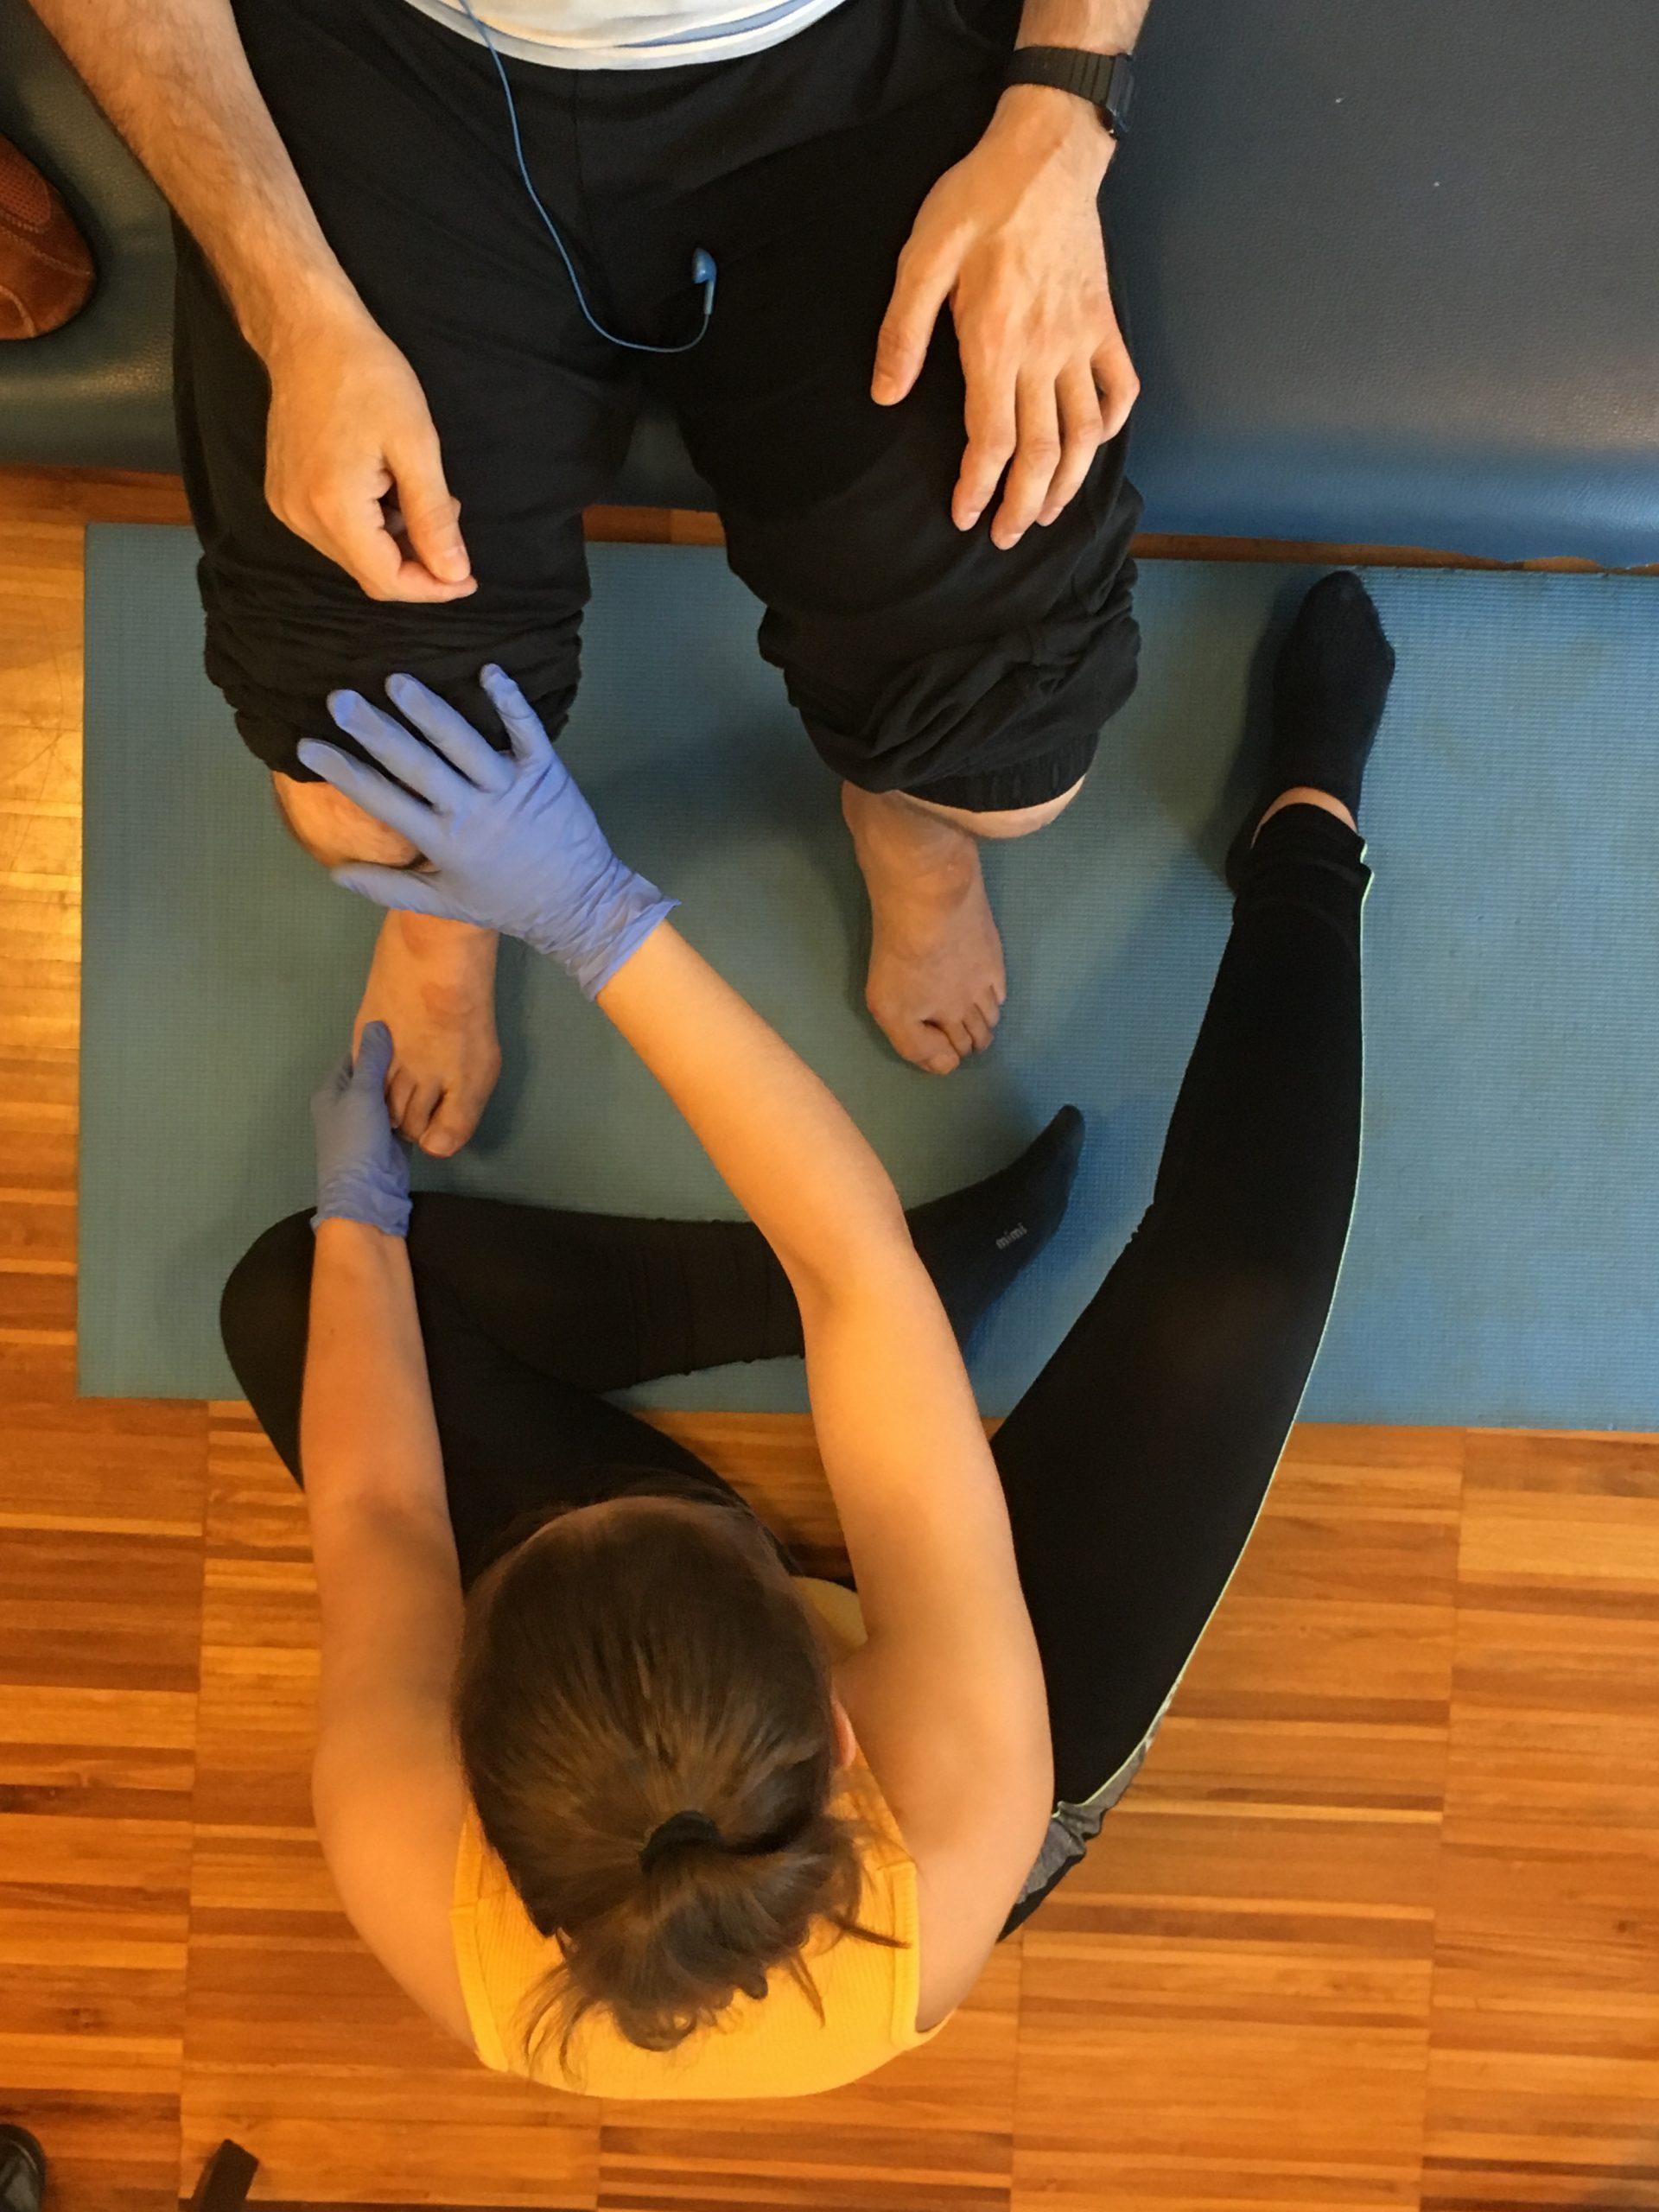 Sesión de fisioterapia en Alento. Foto Cedida.